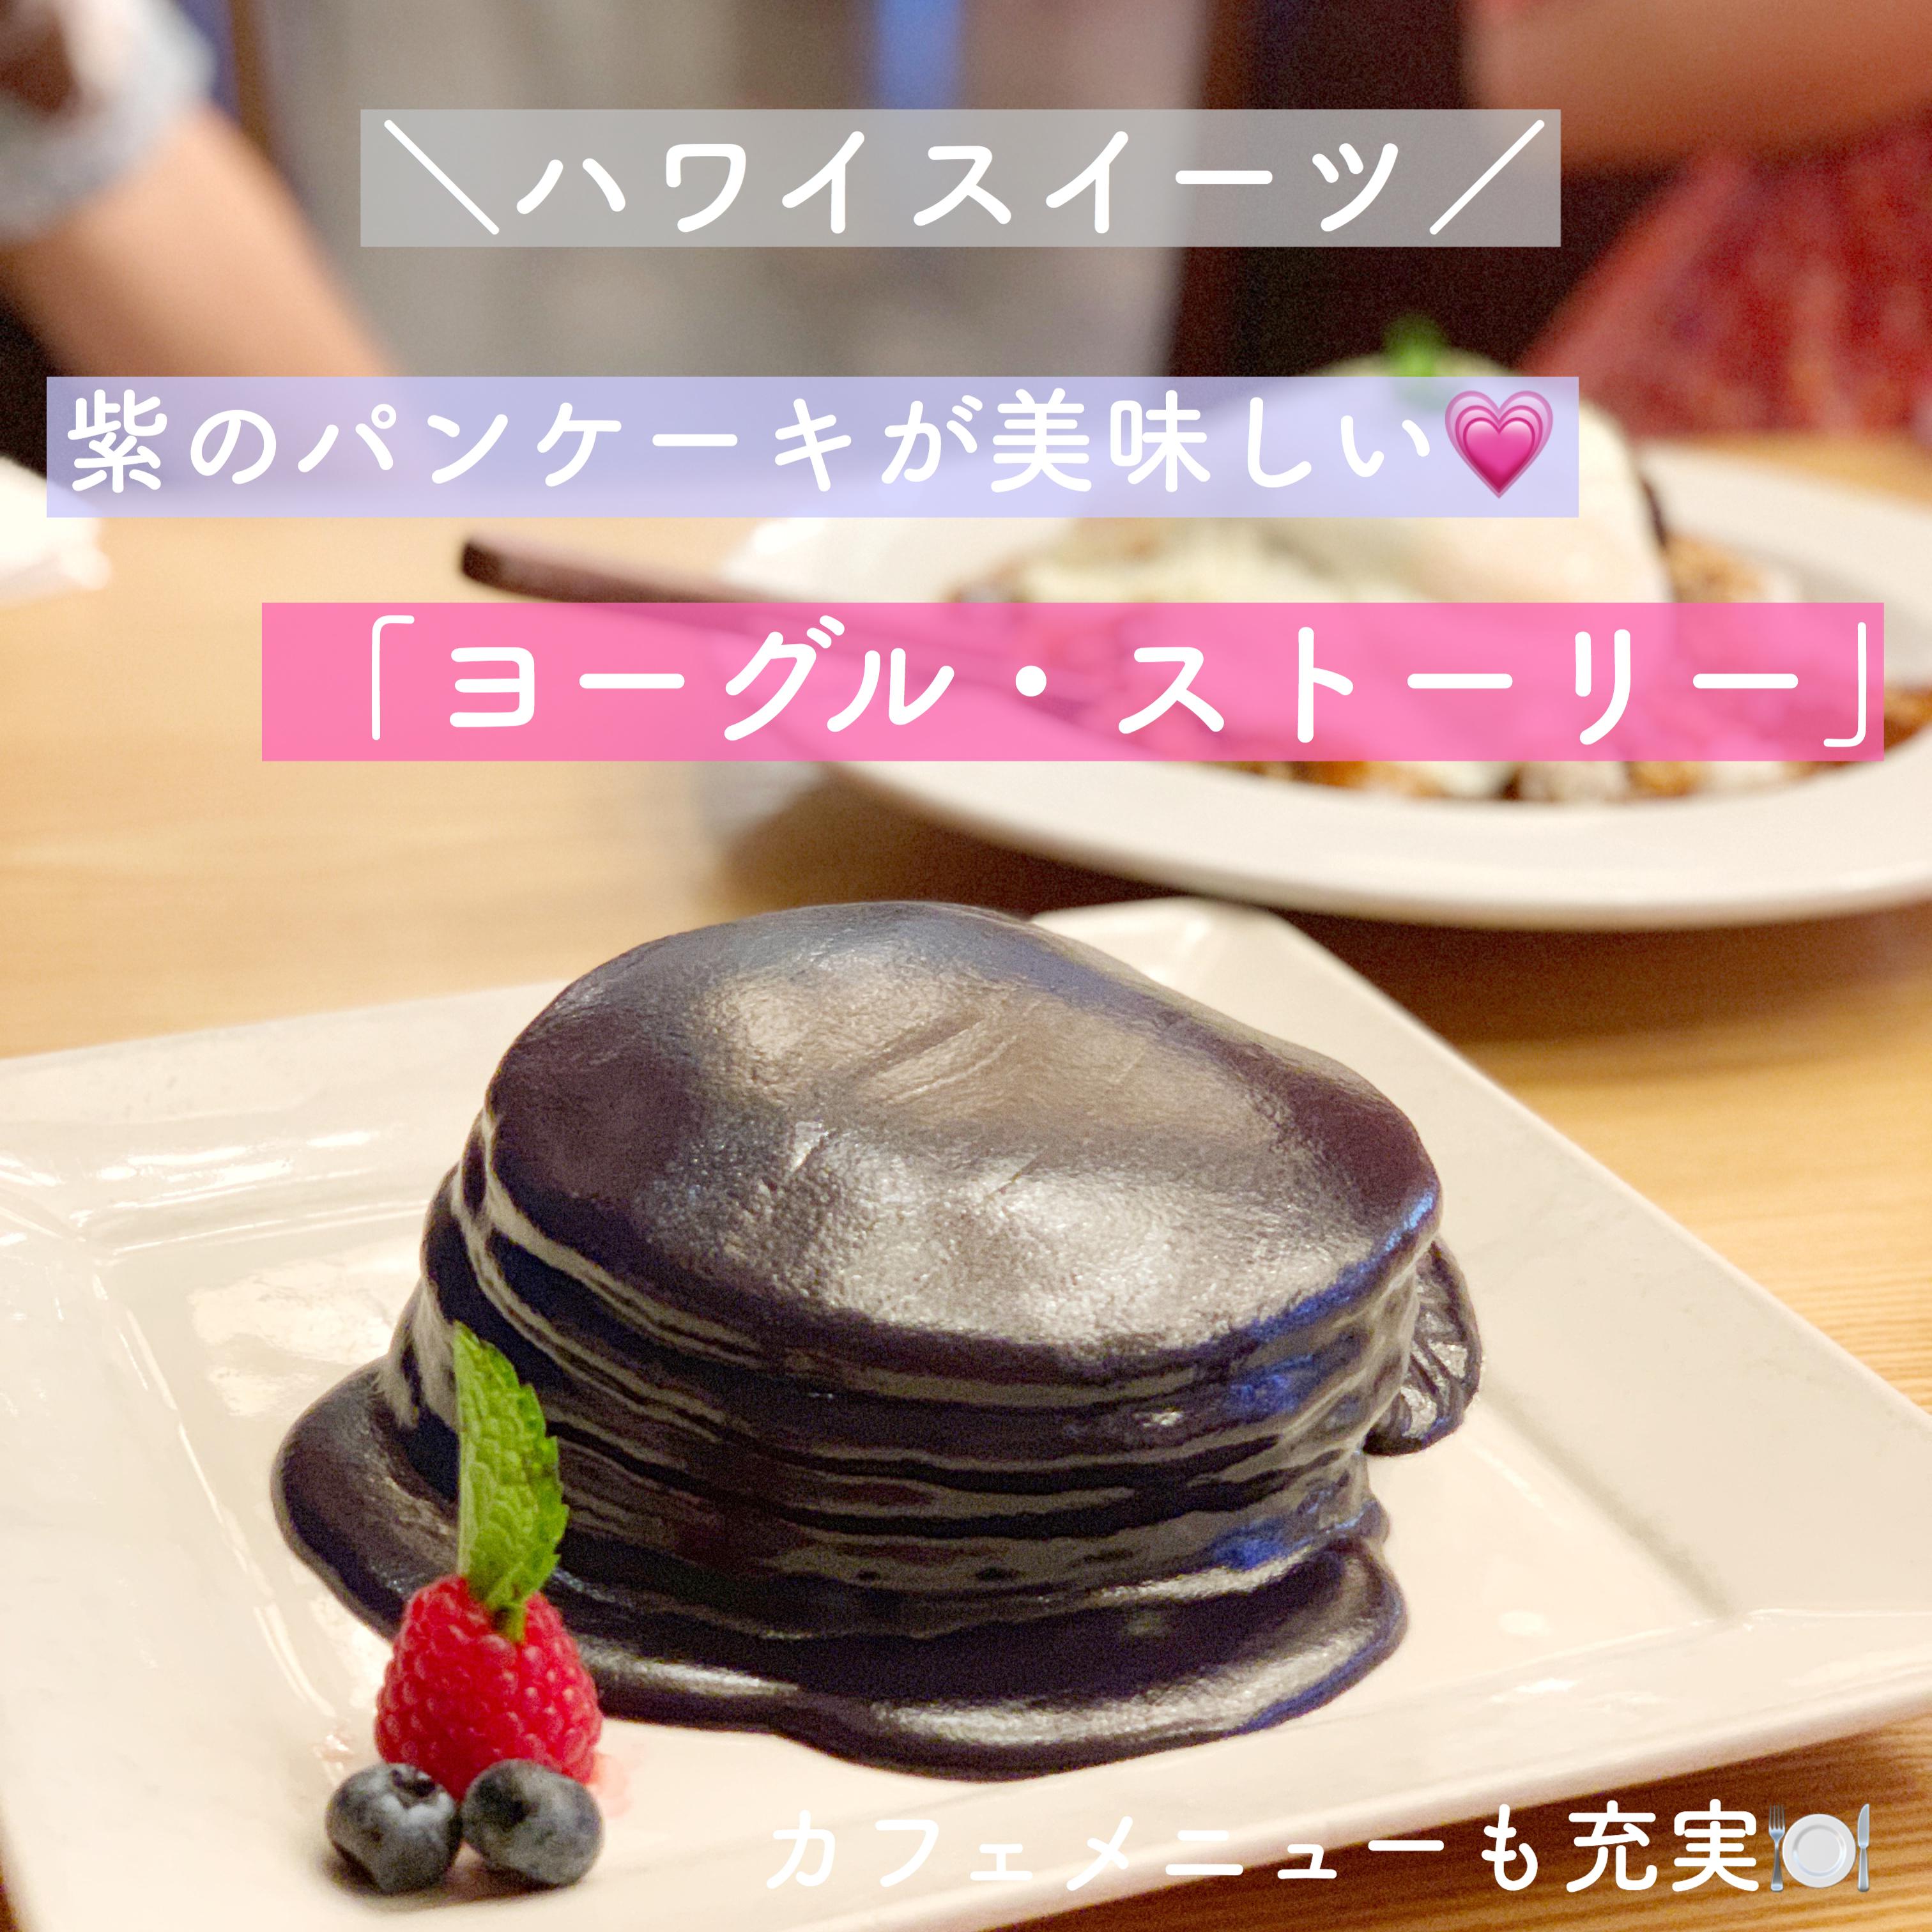 【ハワイスイーツ】紫のパンケーキが美味しくて話題「ヨーグル・ストーリー」